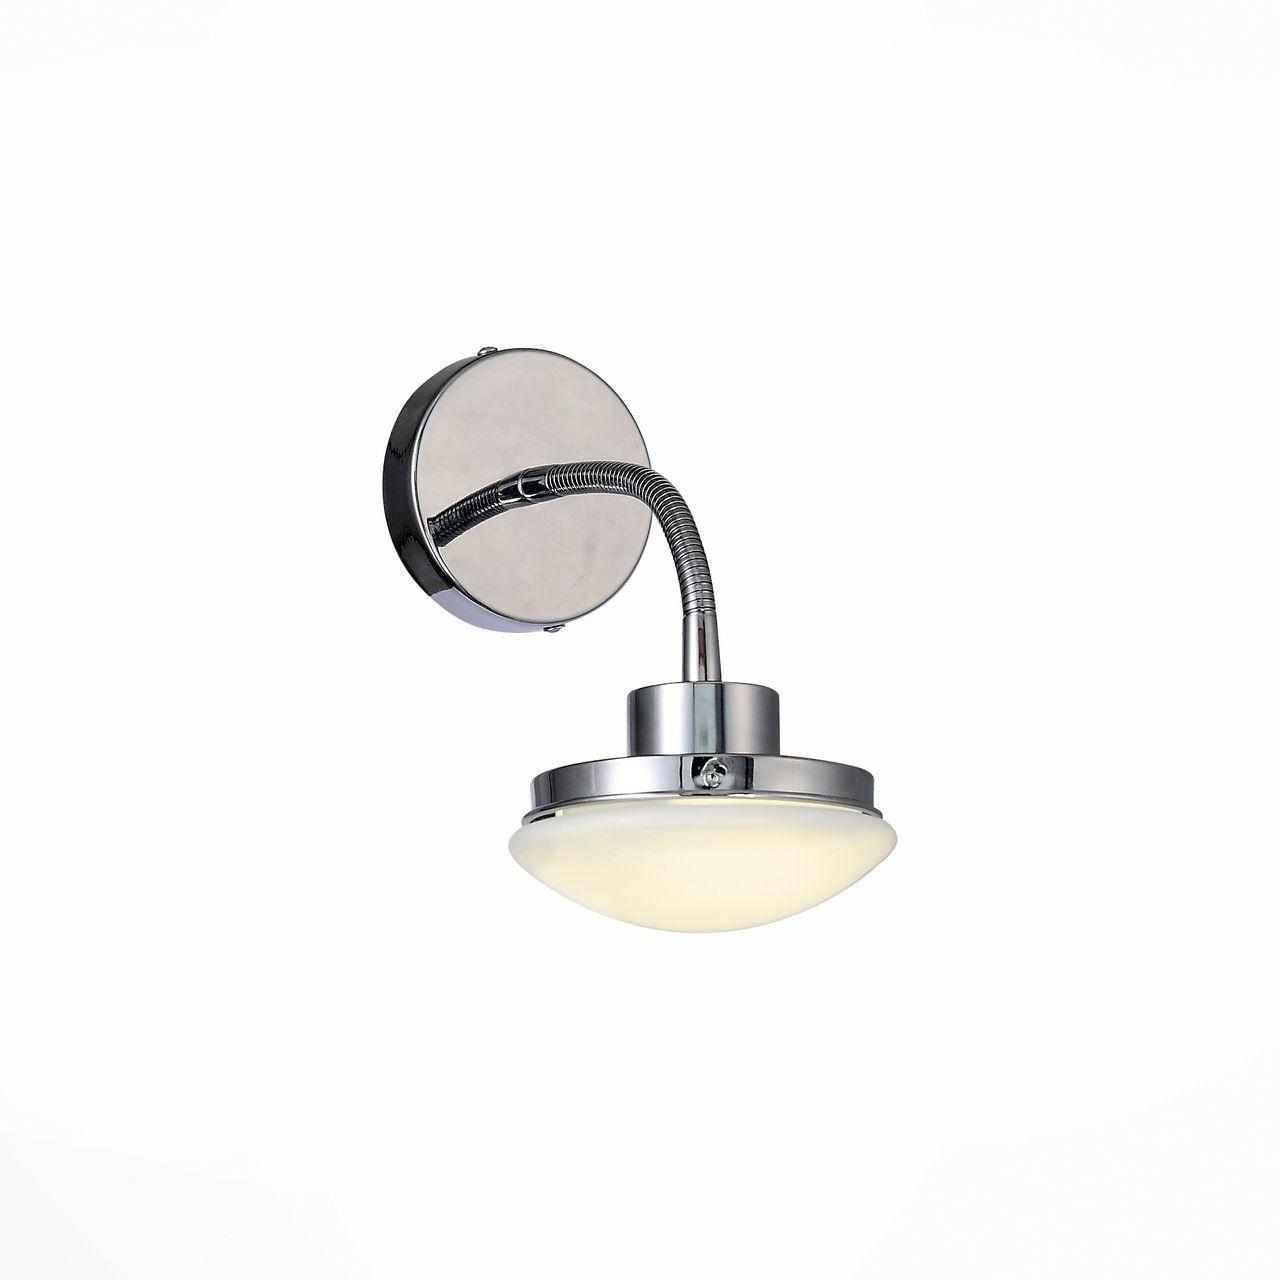 Светодиодный спот ST Luce Pratico SLE120.101.01 светодиодный спот st luce pratico sle120 201 01